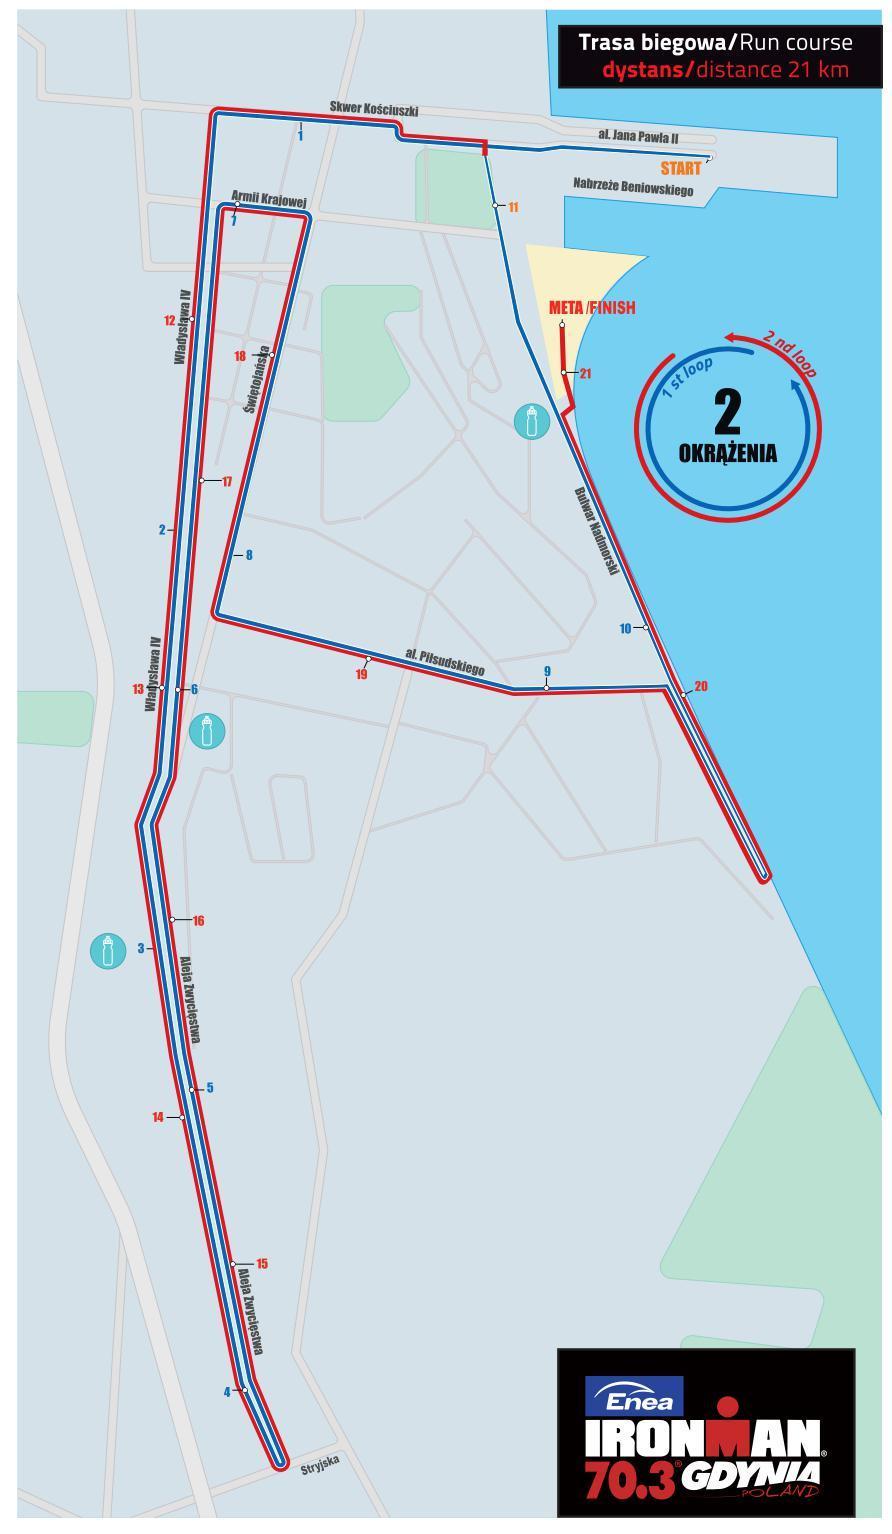 Mapa trasy biegowej IronMan